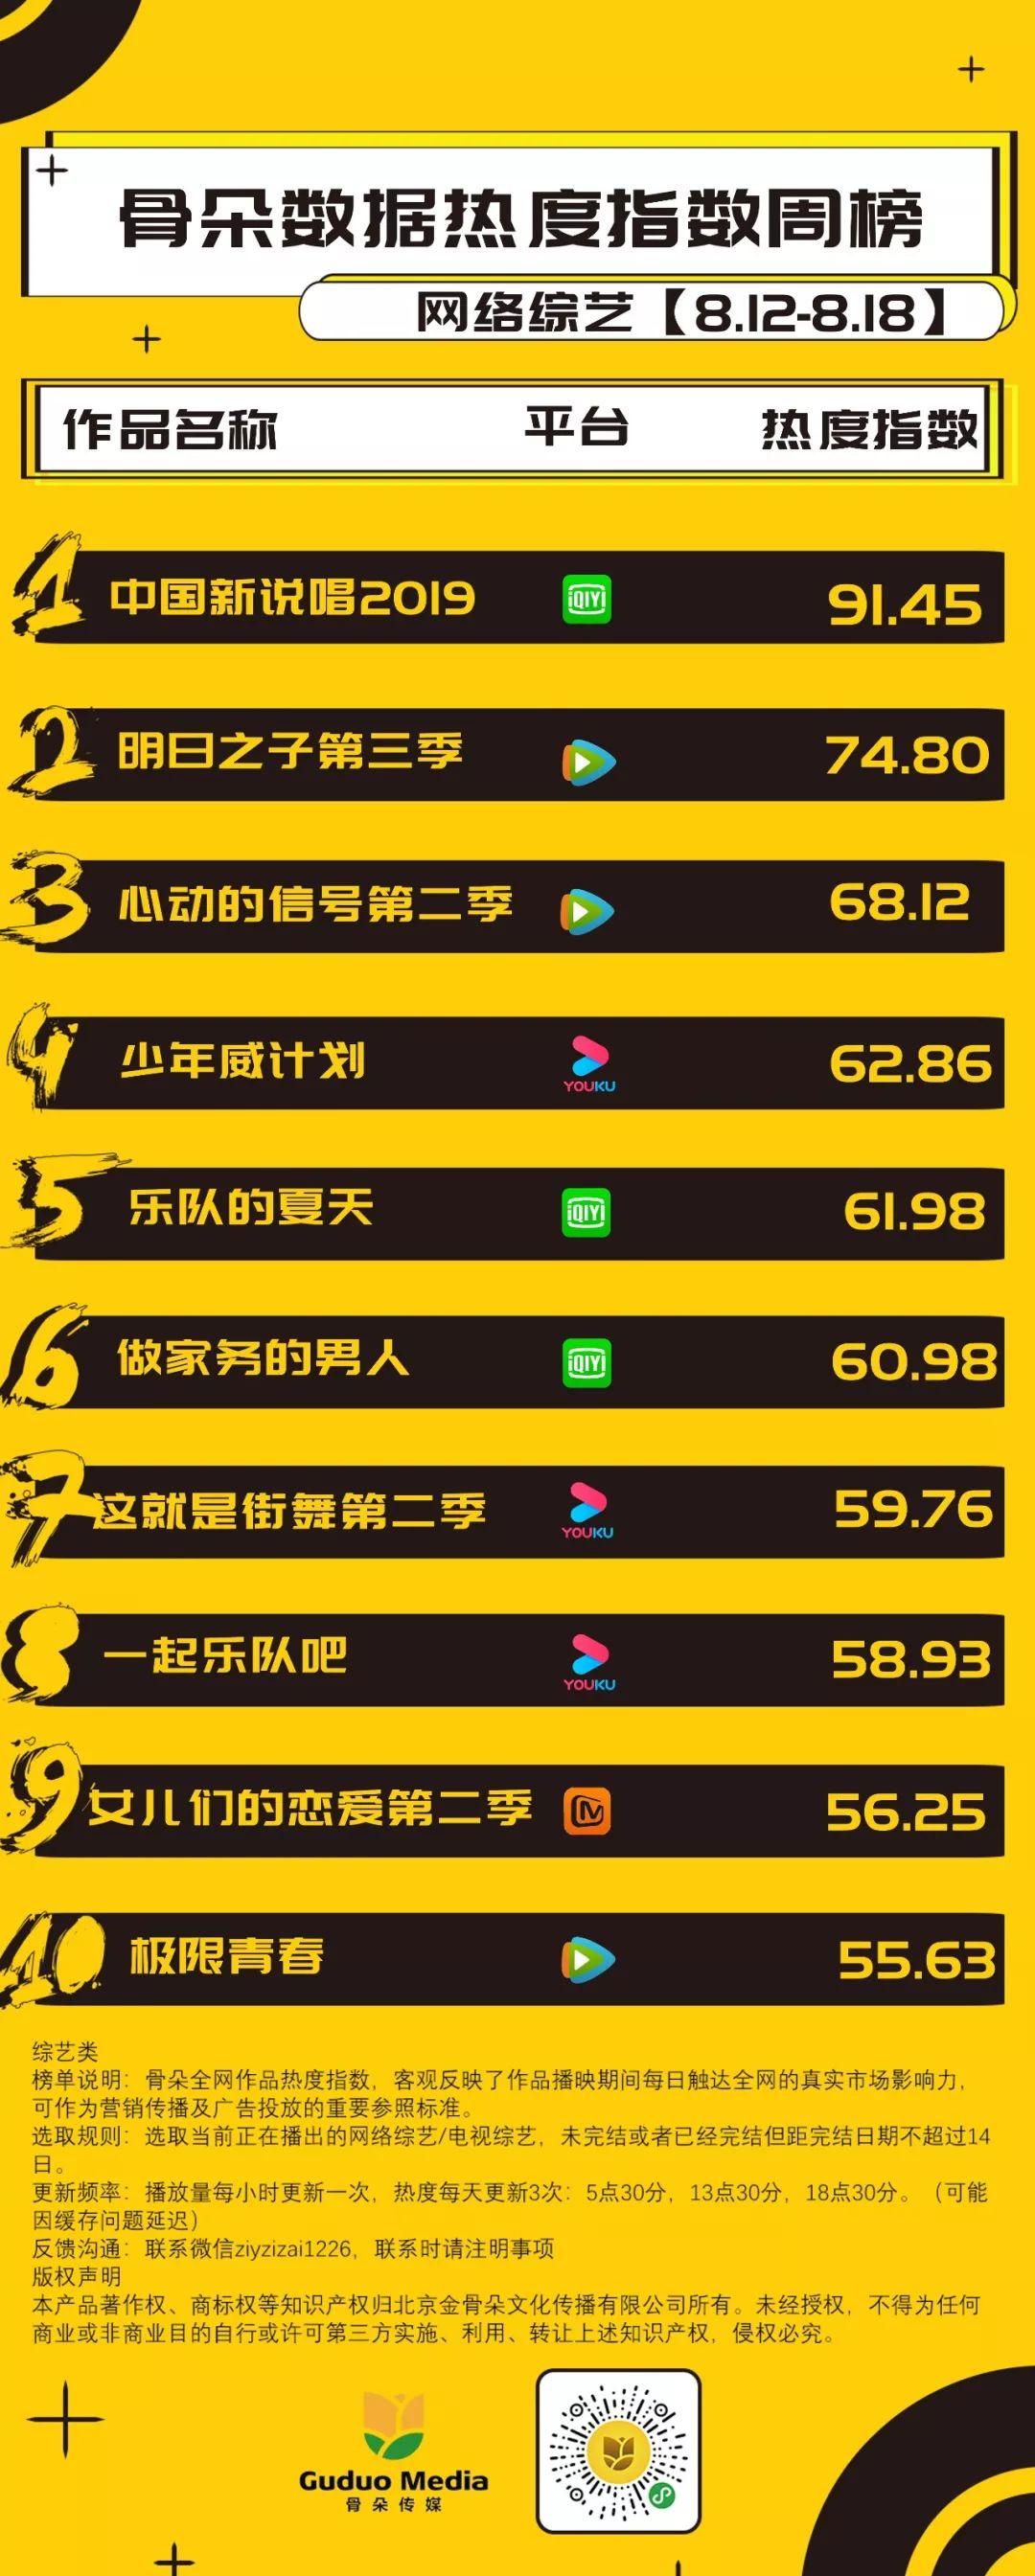 网综周报丨《中国新说唱2019》卫冕周榜,《少年威计划》空降周榜第四位